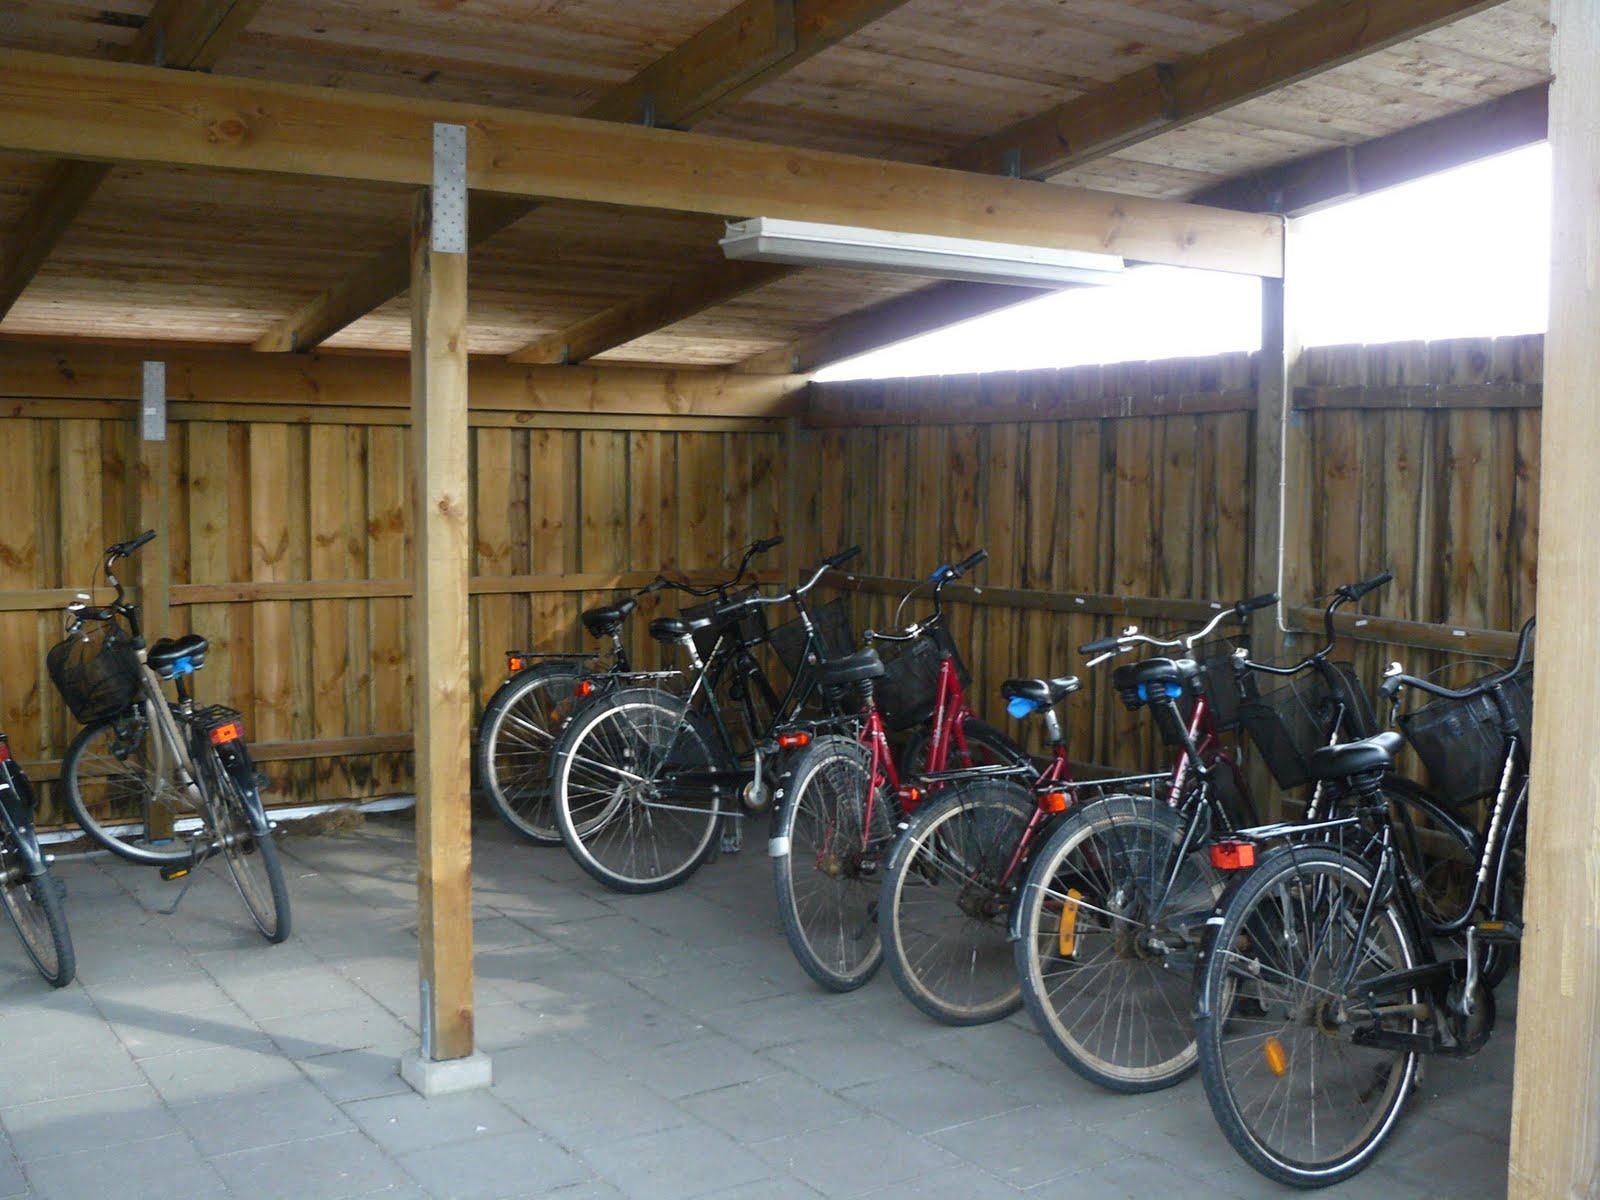 Puntos de recarga gratuita en suecia forococheselectricos for Caseta para bicicletas